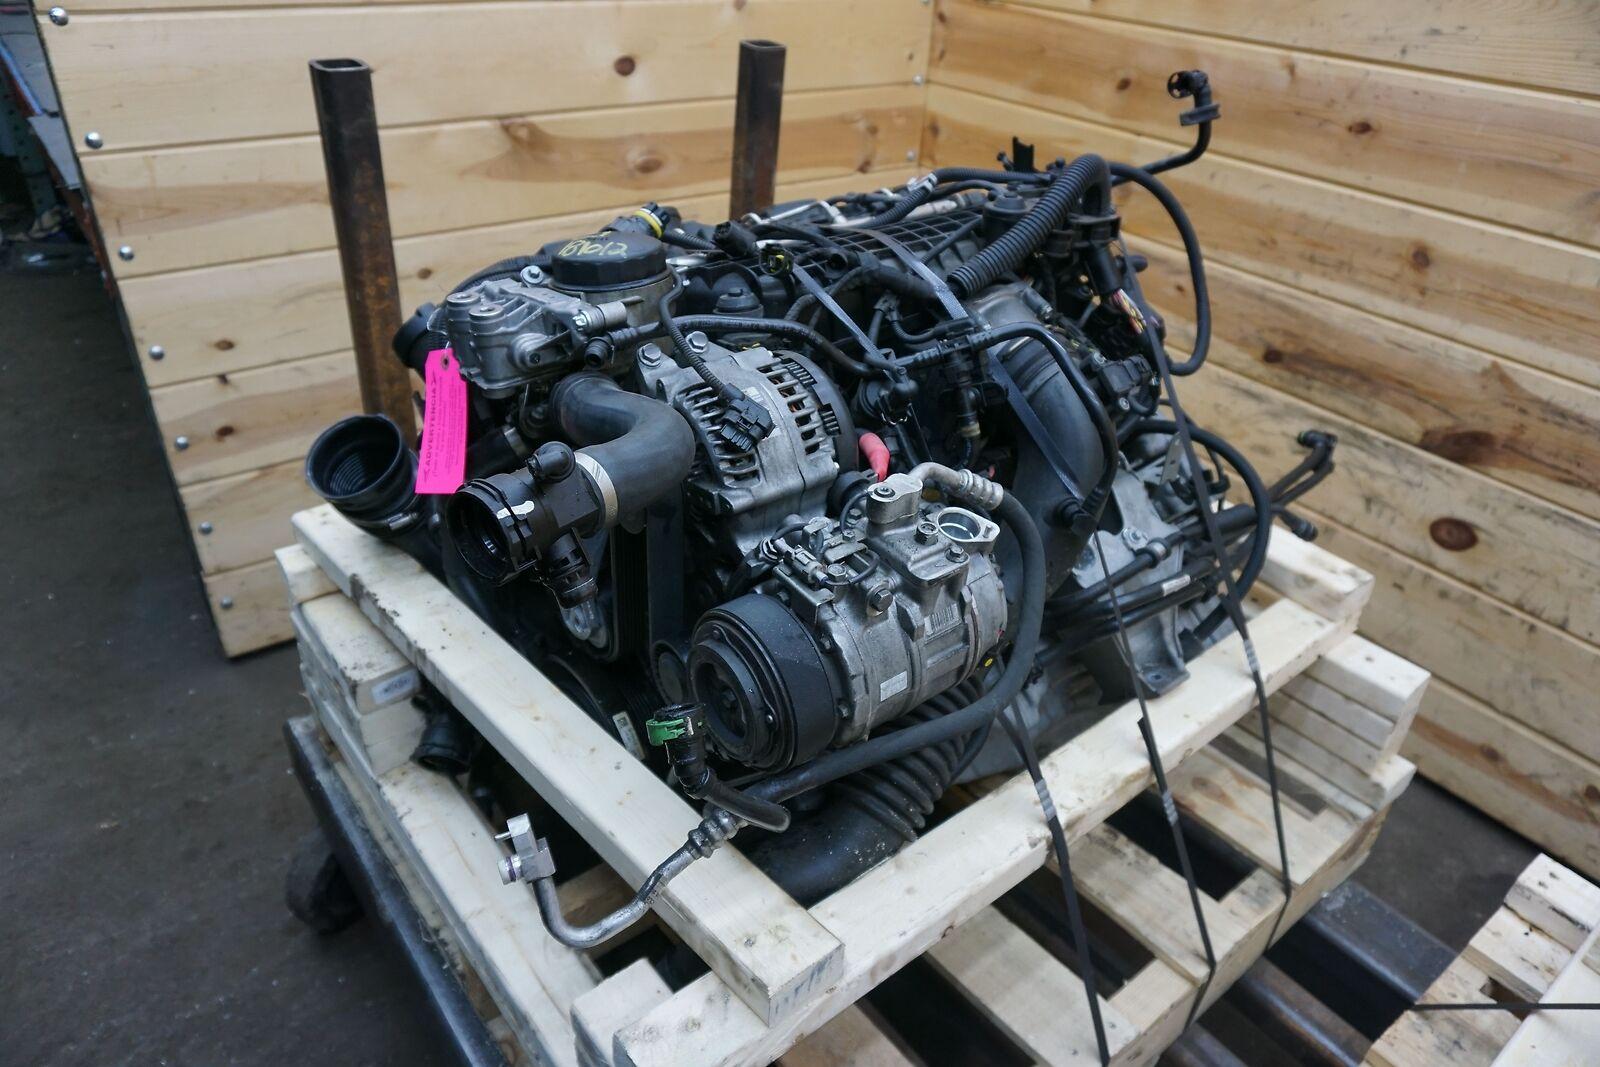 3 0l i6 turbo n55 engine dropout rwd bmw 335i 14 15 335igt 435i 14 16 34k miles pacific motors. Black Bedroom Furniture Sets. Home Design Ideas